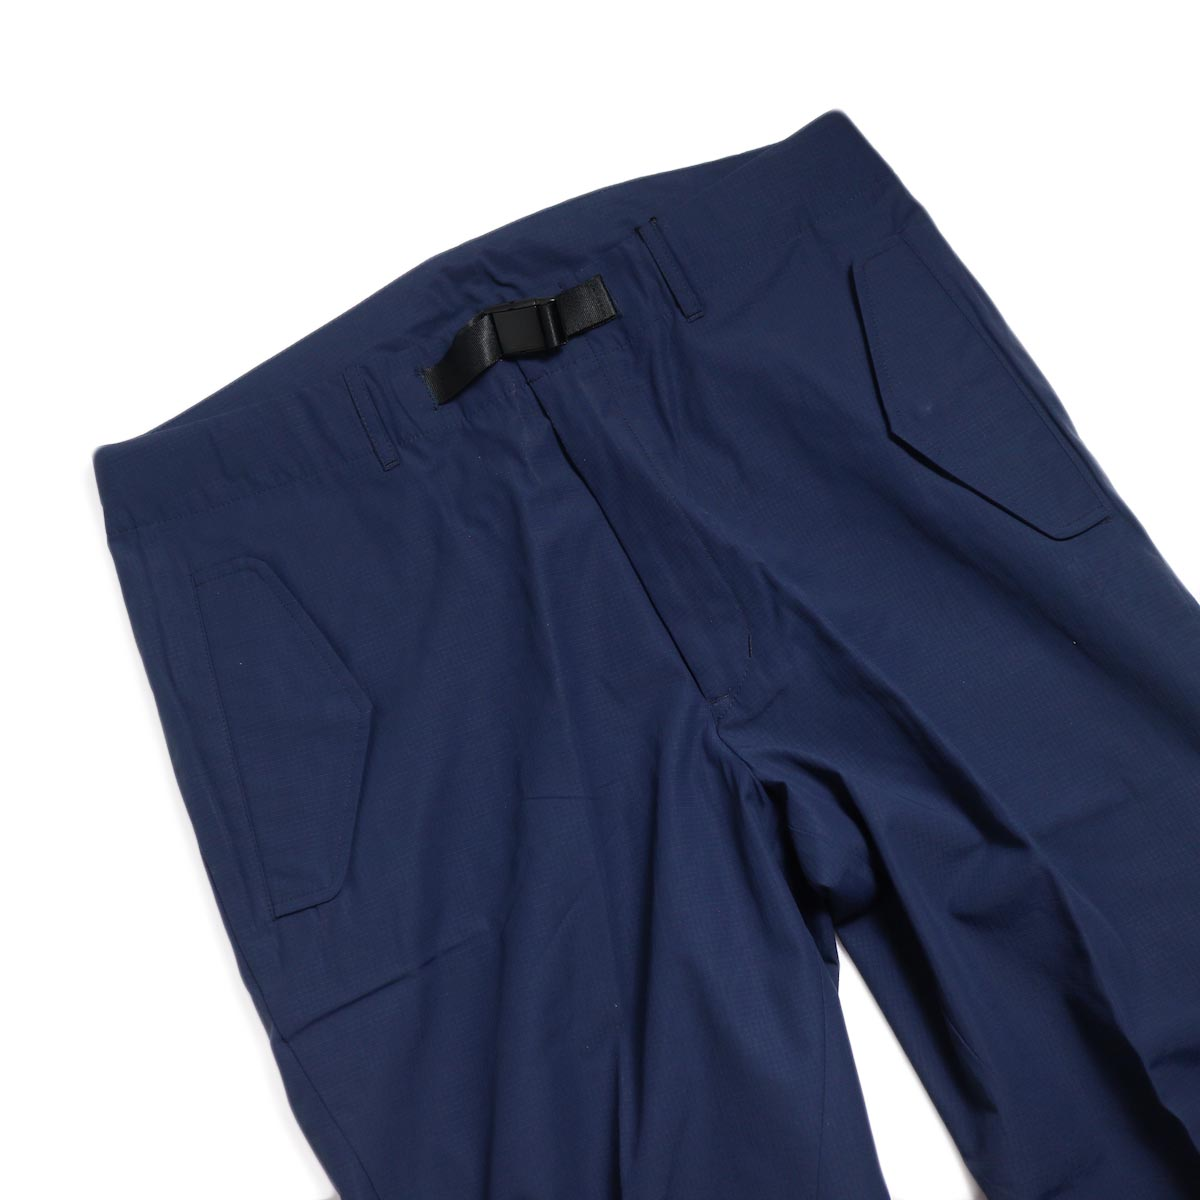 DESCENTE ddd / UNIFIT PANTS -NAVY ウエスト